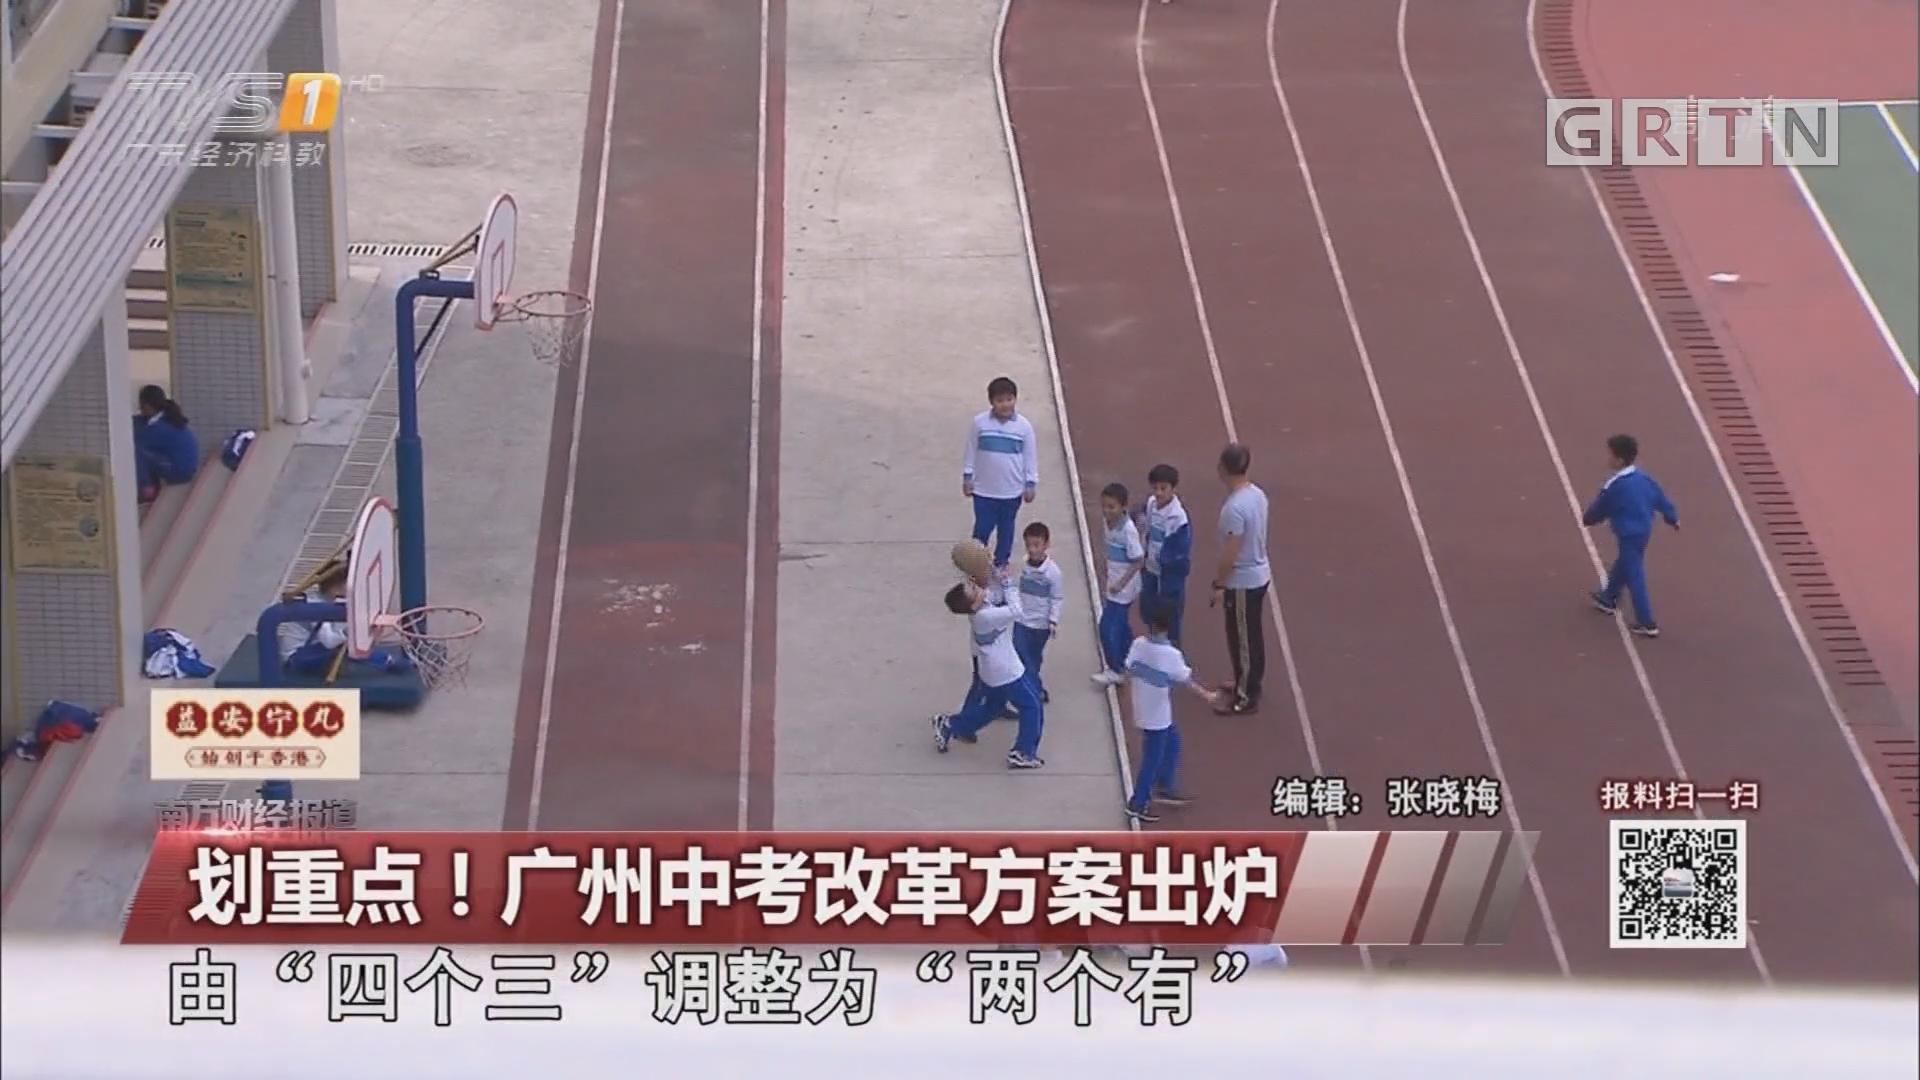 划重点!广州中考改革方案出炉